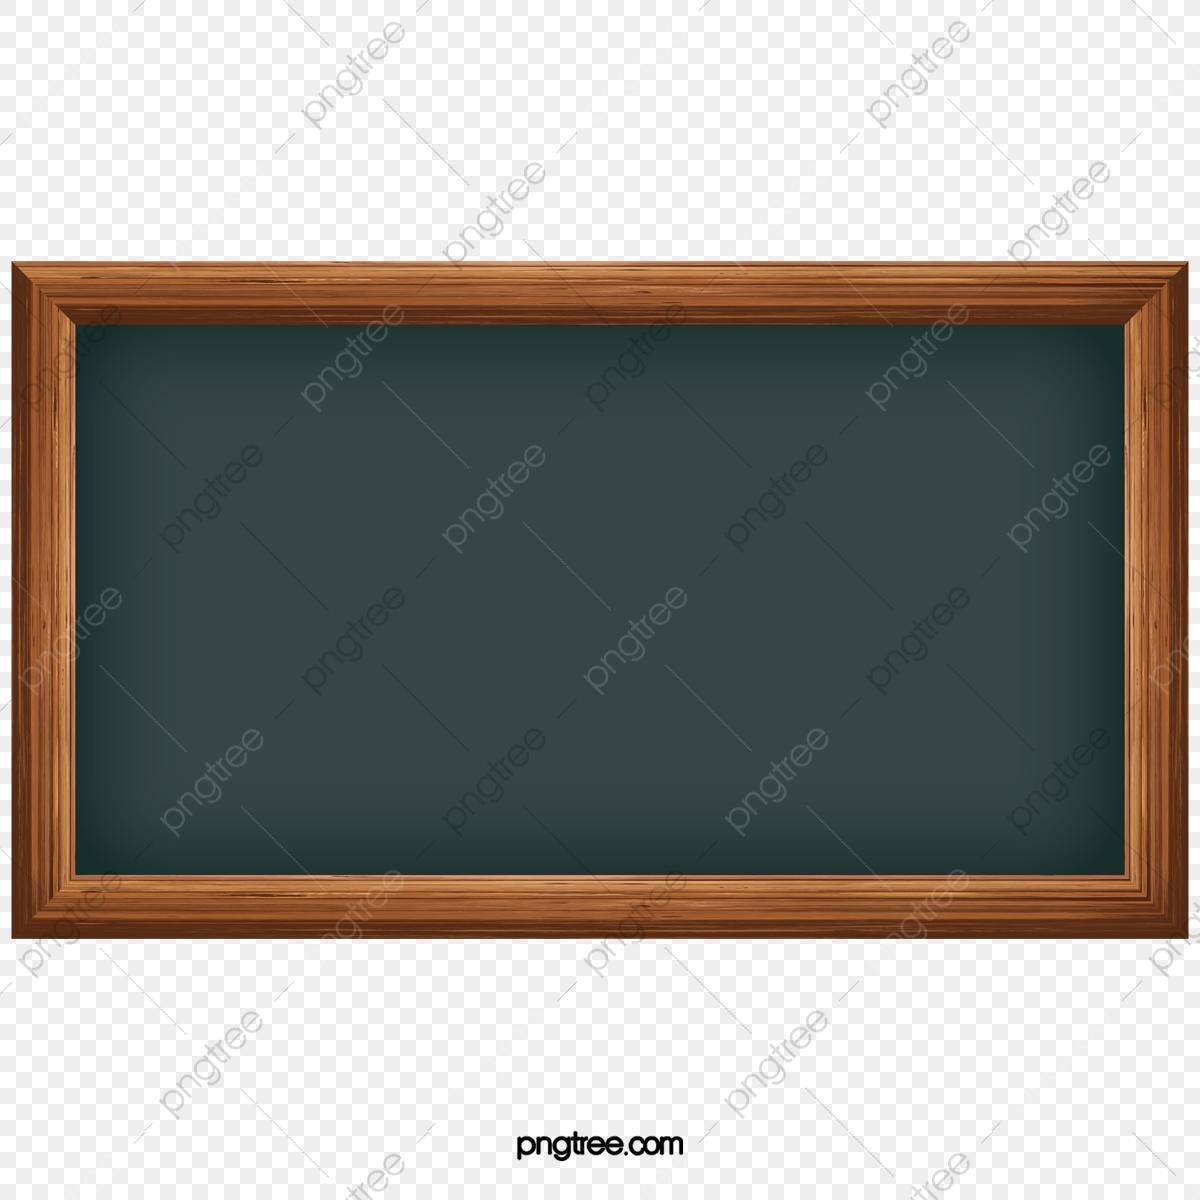 Blackboard clipart cartoon. Vintage wooden frame empty